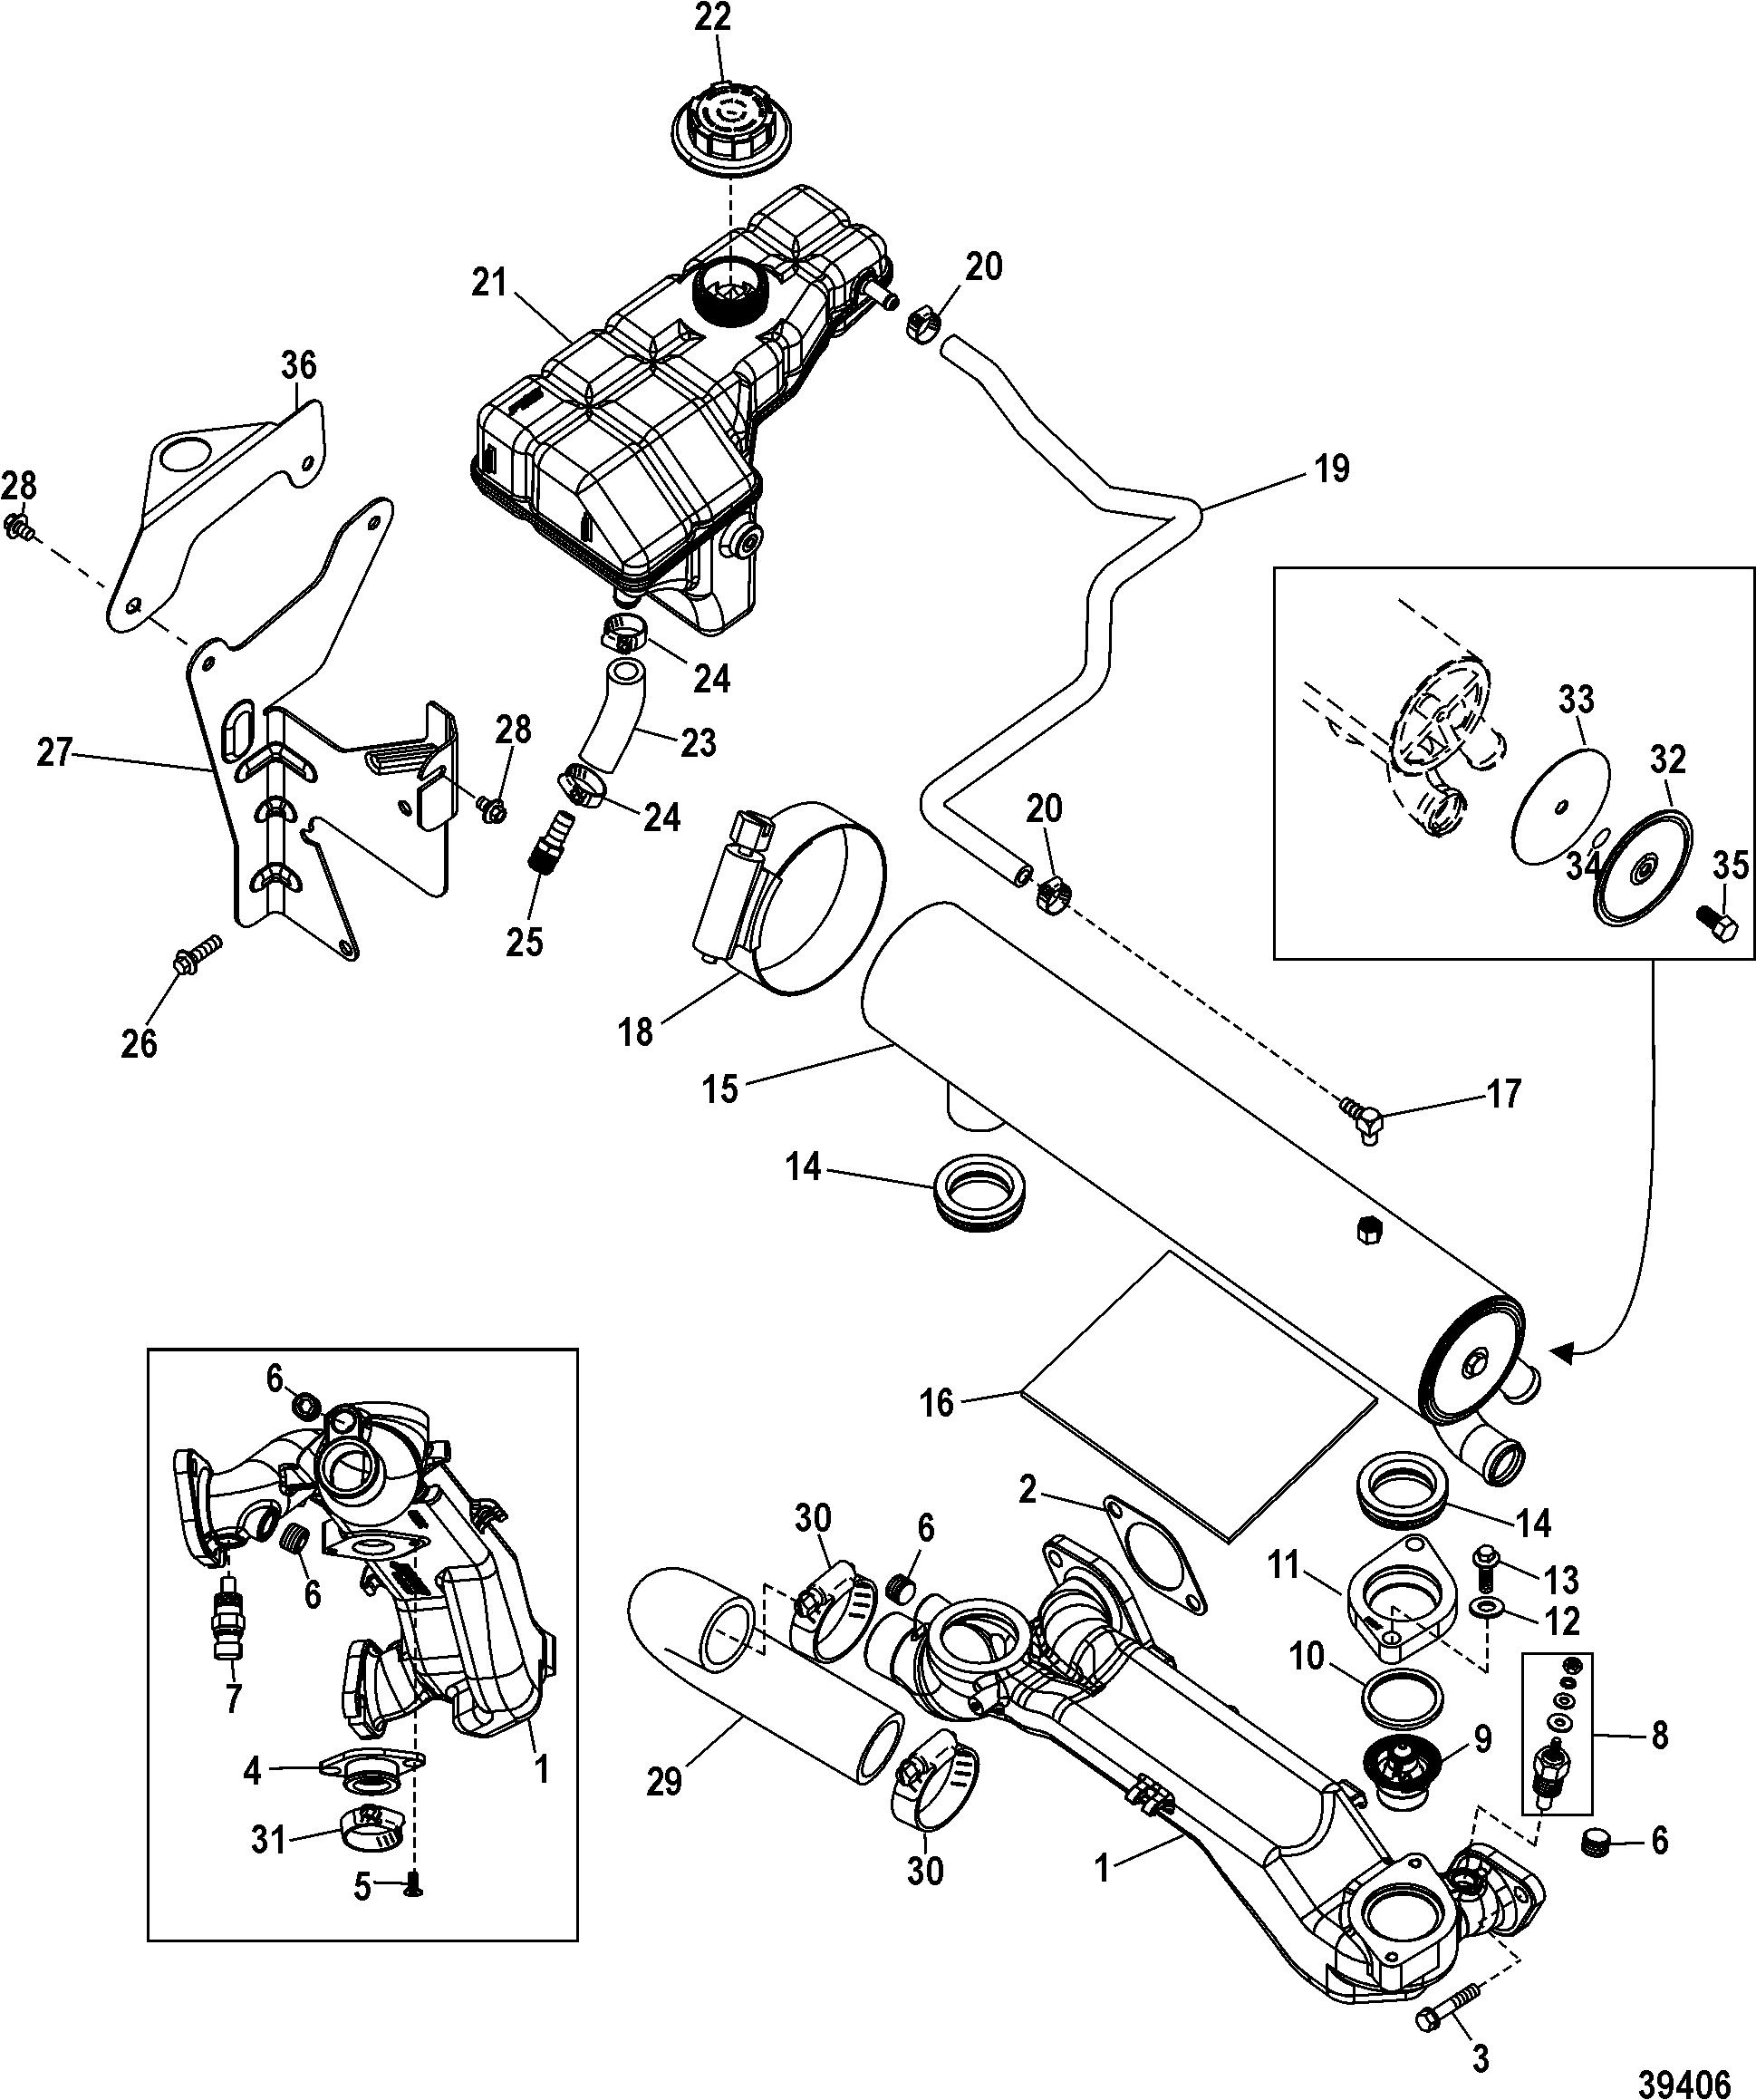 КатаРог запчастей MERCRUISER остаРьные 496 MAG Base Model